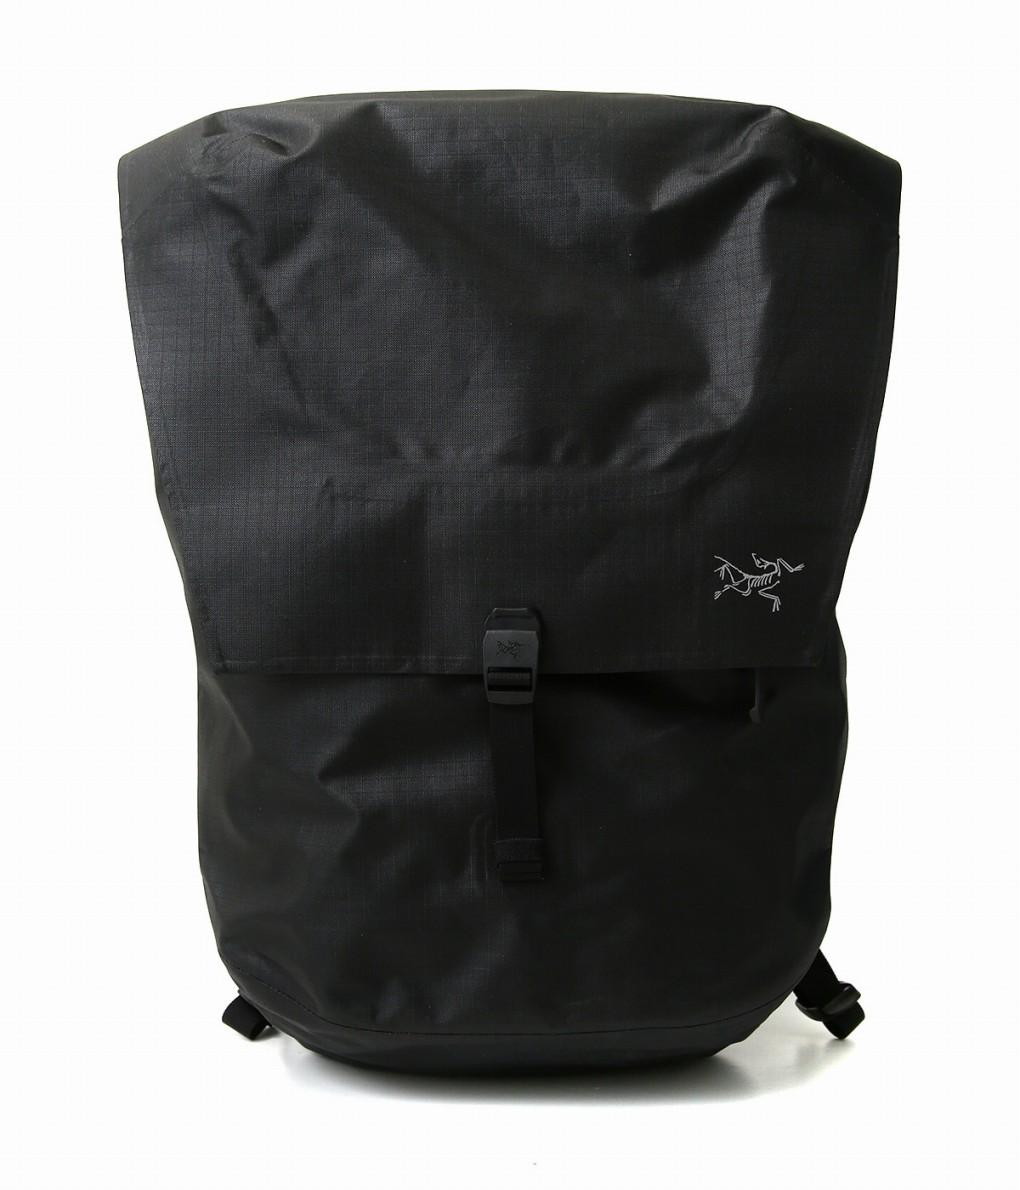 送料無料!ARC'TERYX / アークテリクス : Granville 20 Backpack : スポーツ アークテリクス バックパック デイパック リュック バッグ カバン : L07154700 【STD】【REA】